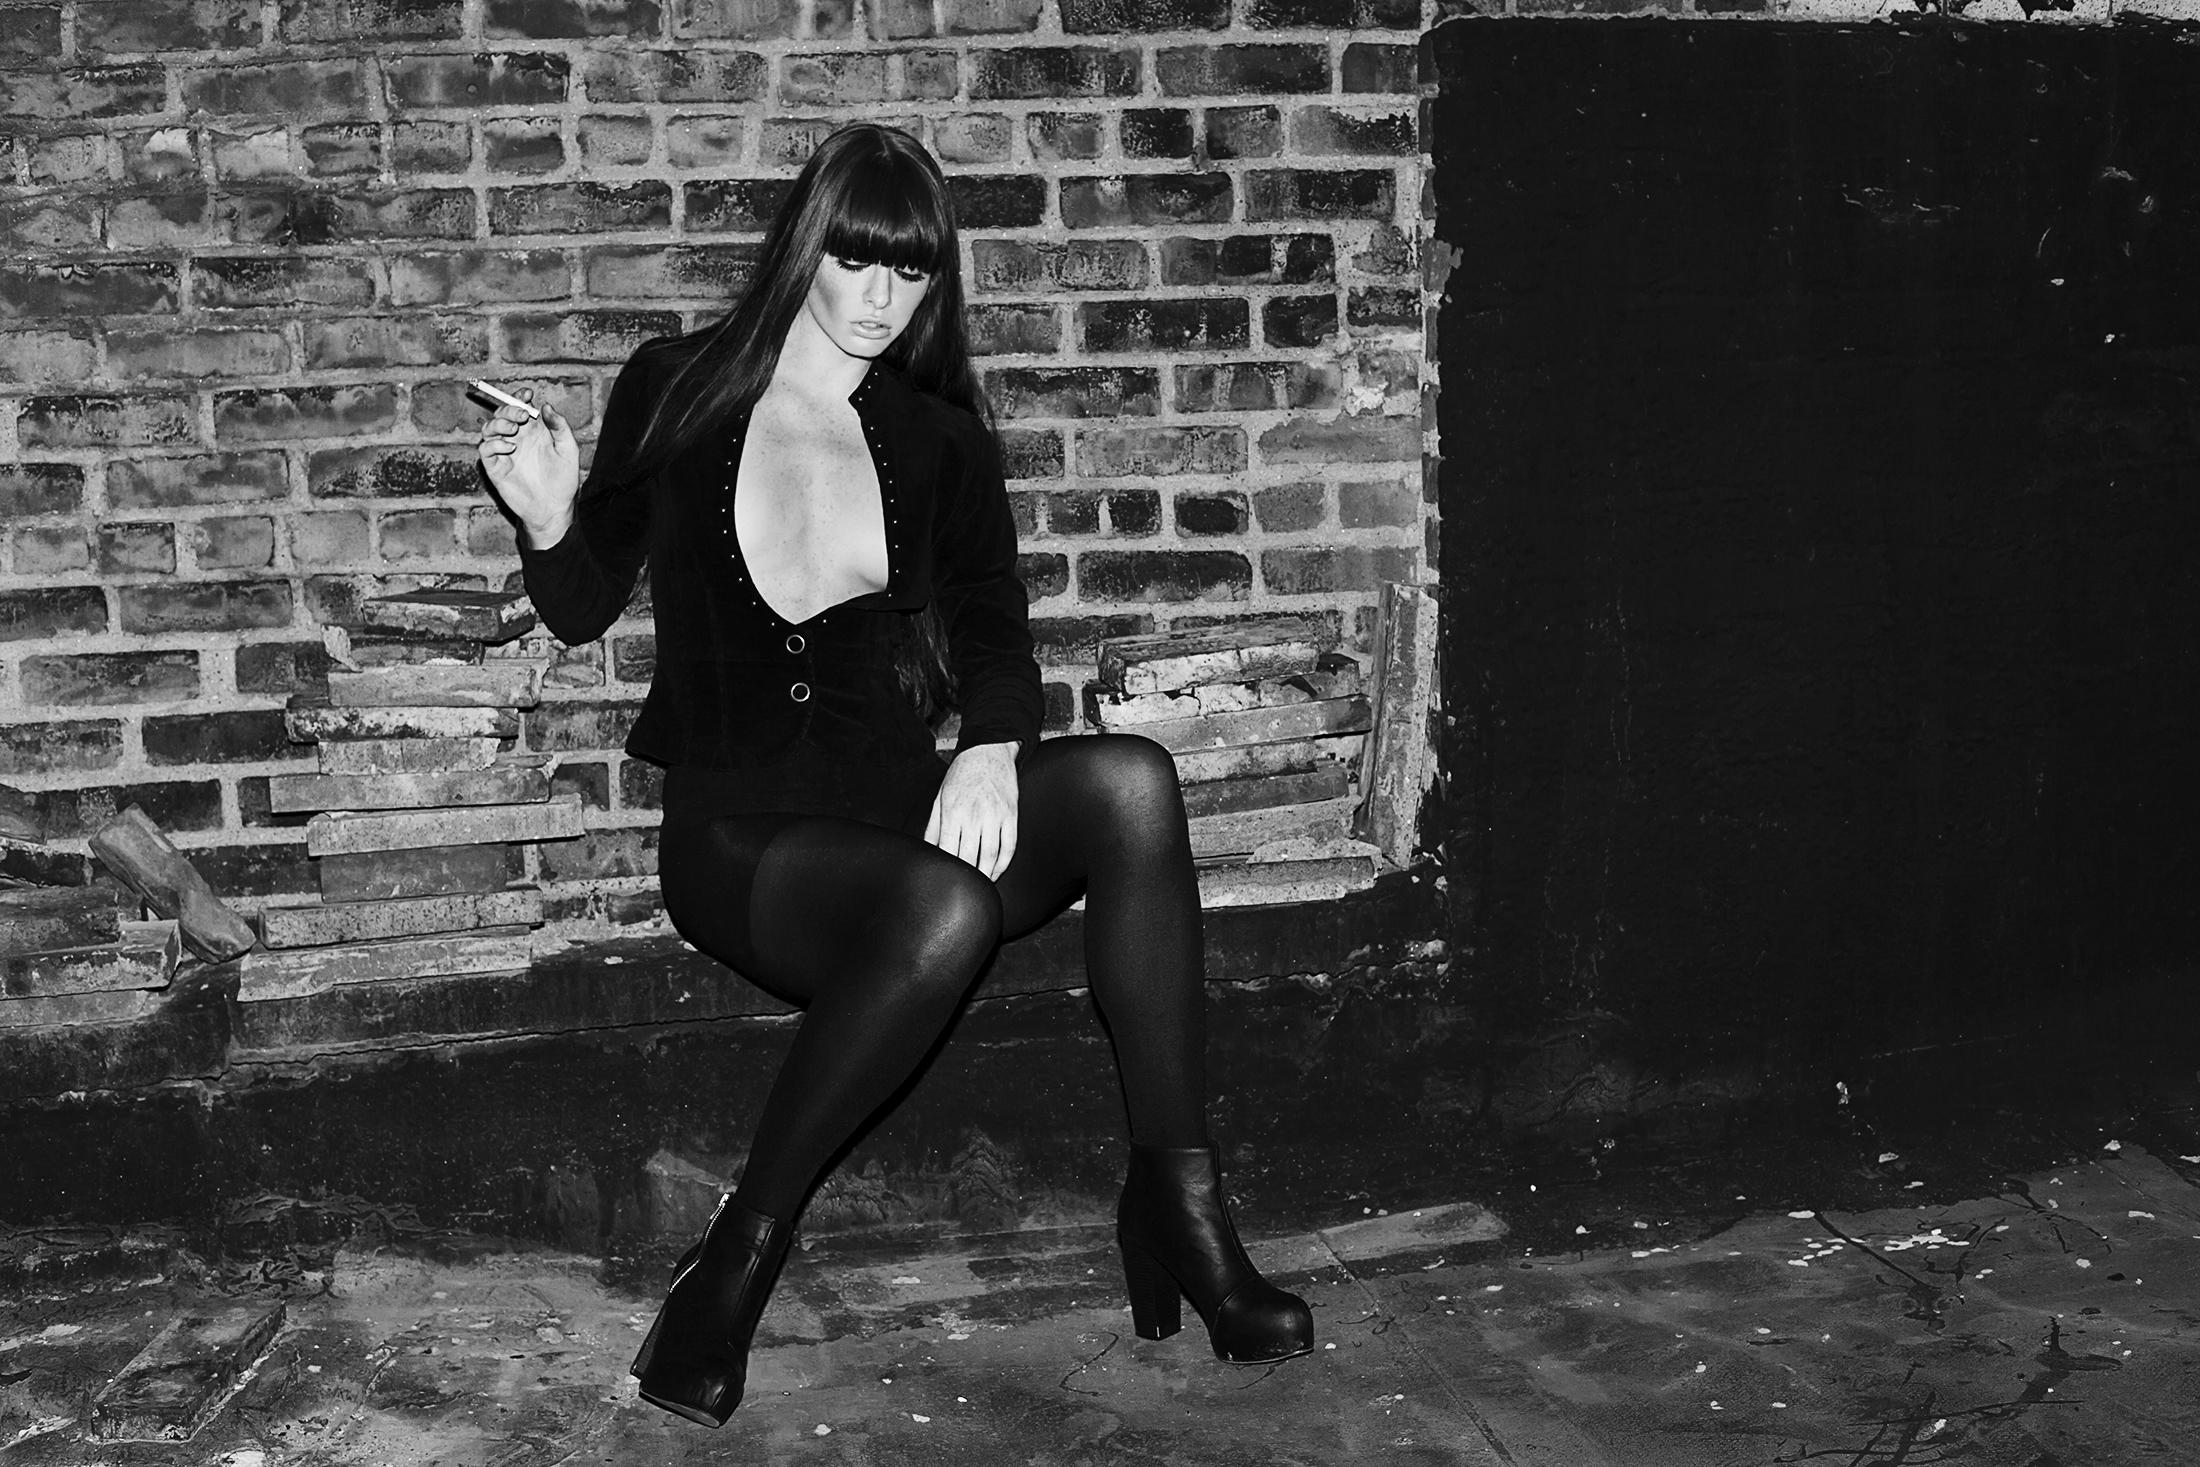 Chloe_Boss_Models_Adina_Doria_25.jpg